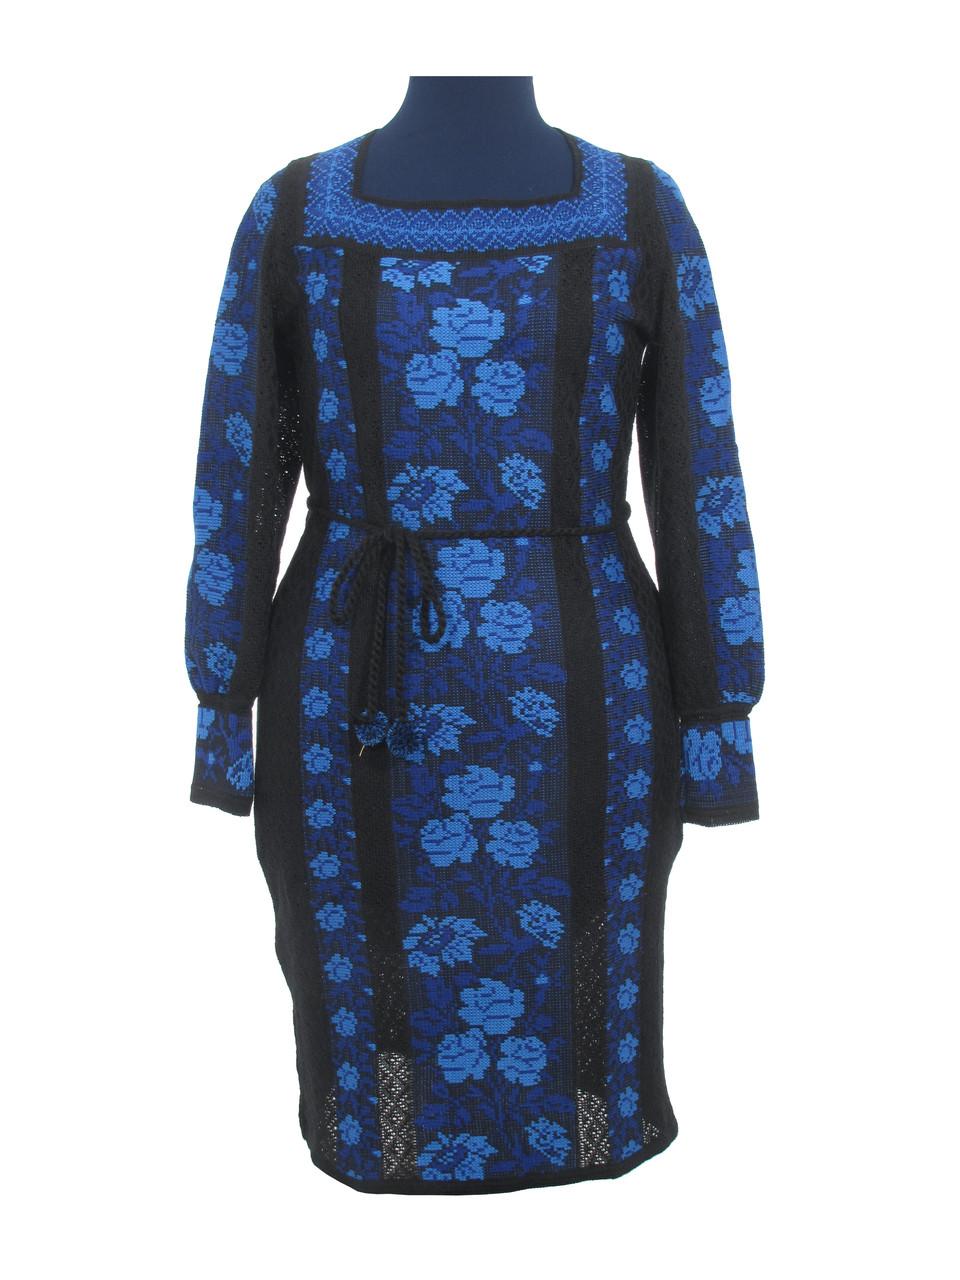 Вязаное платье Розы синие (черное х/б)